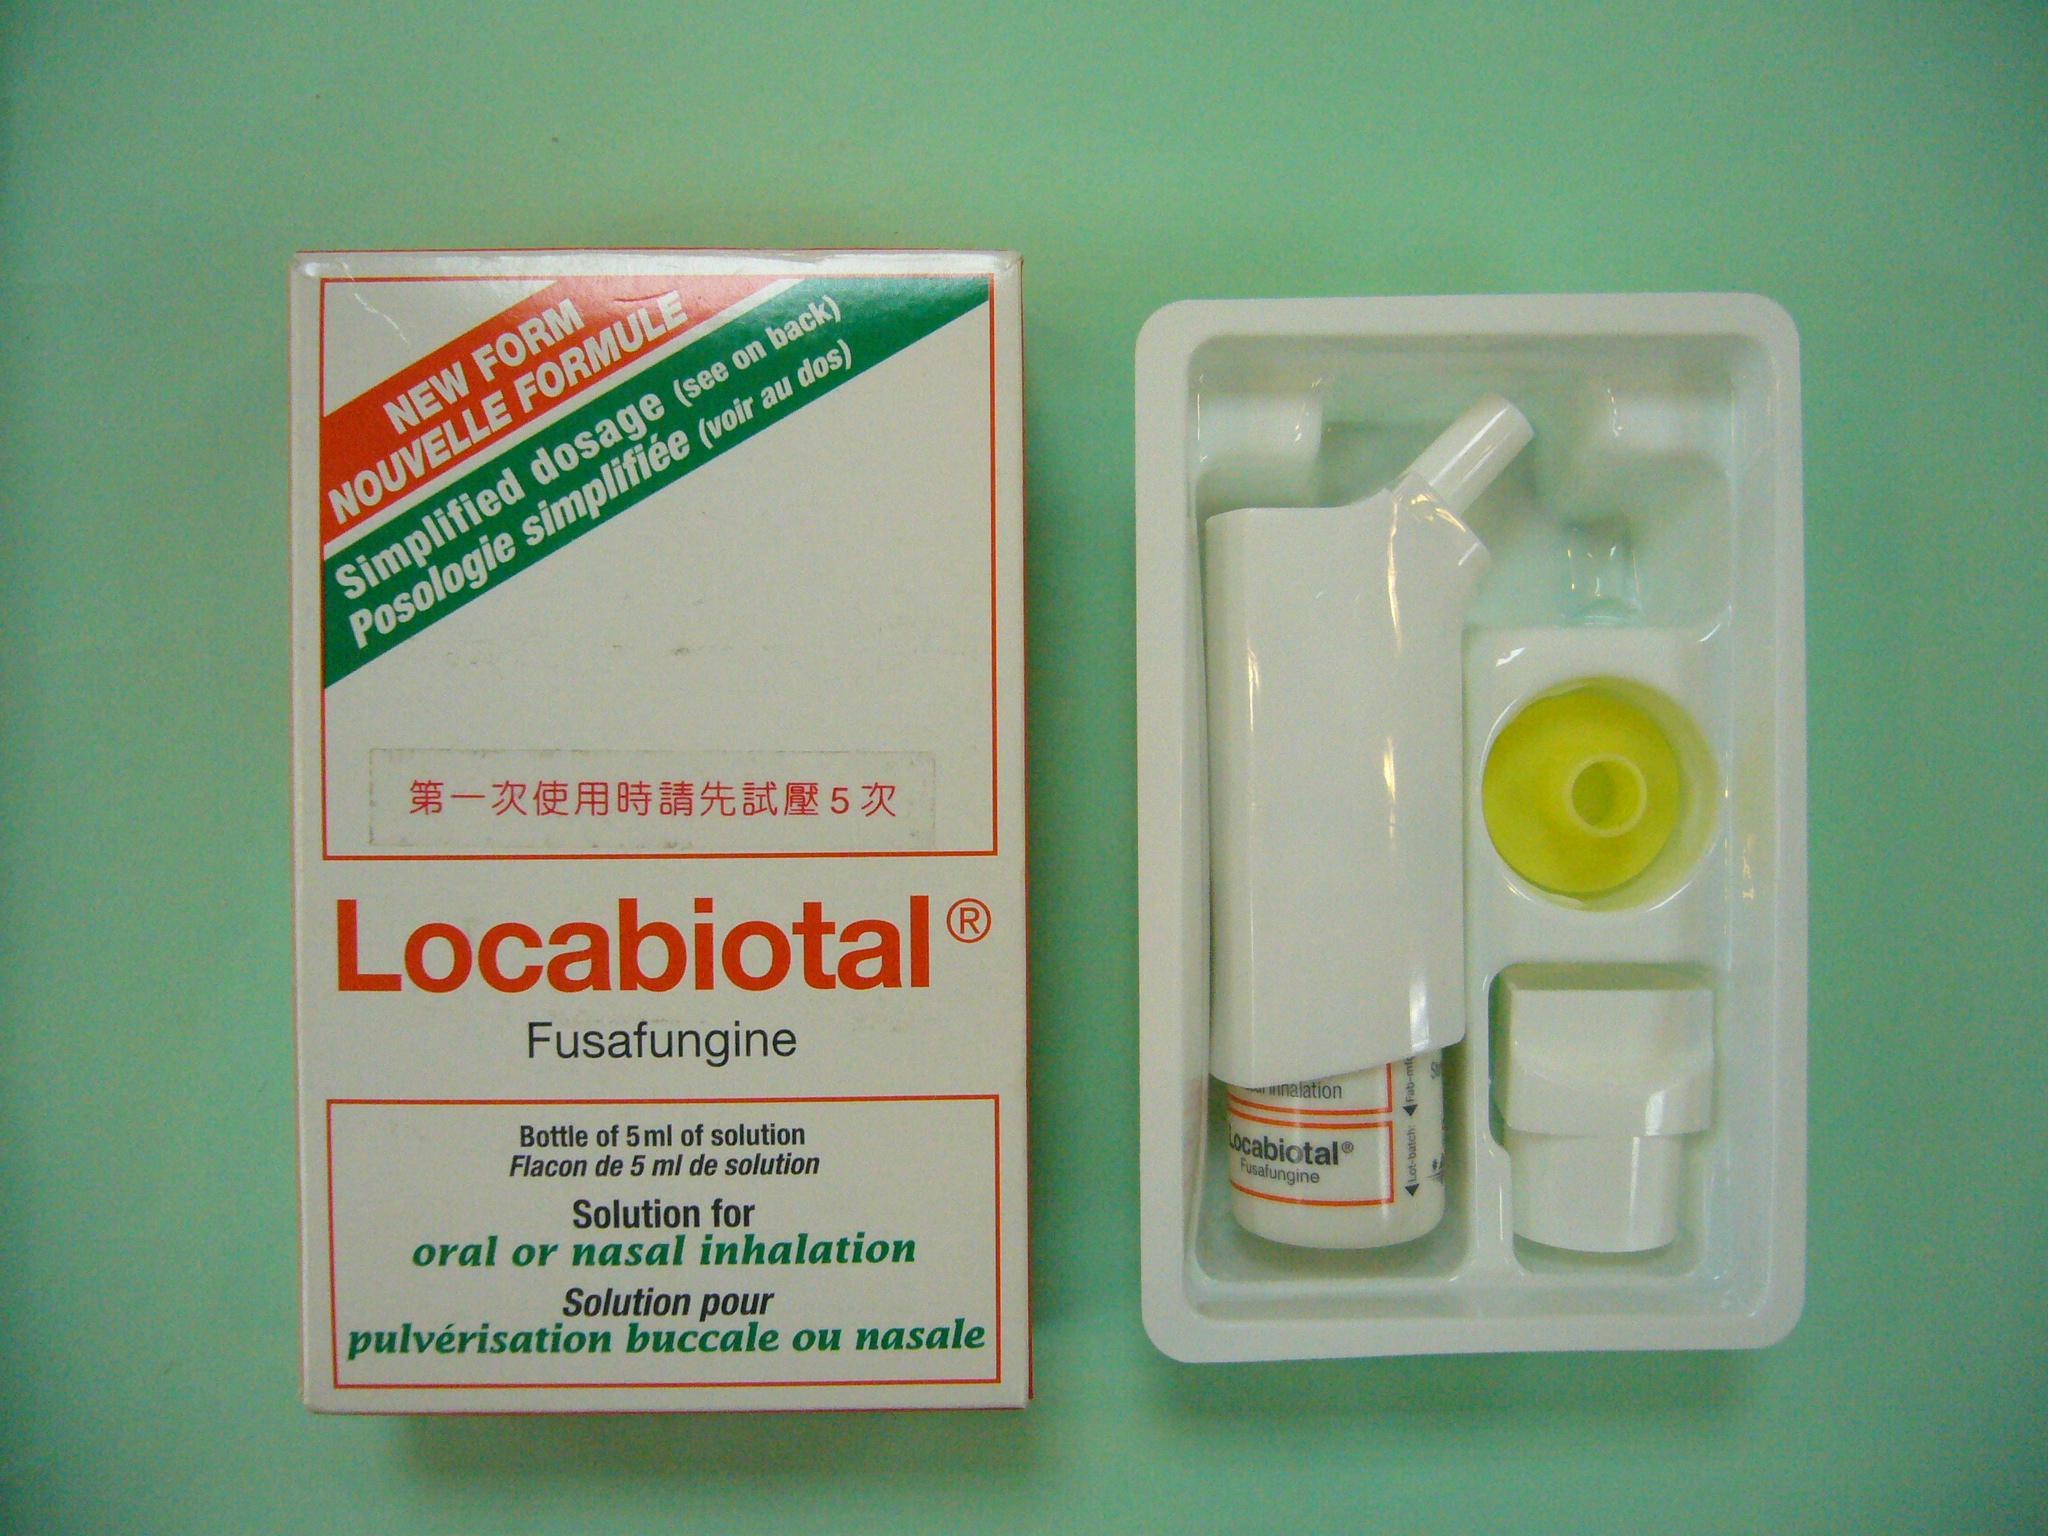 Locabiotal, lo spray nasale ritirato dal mercato